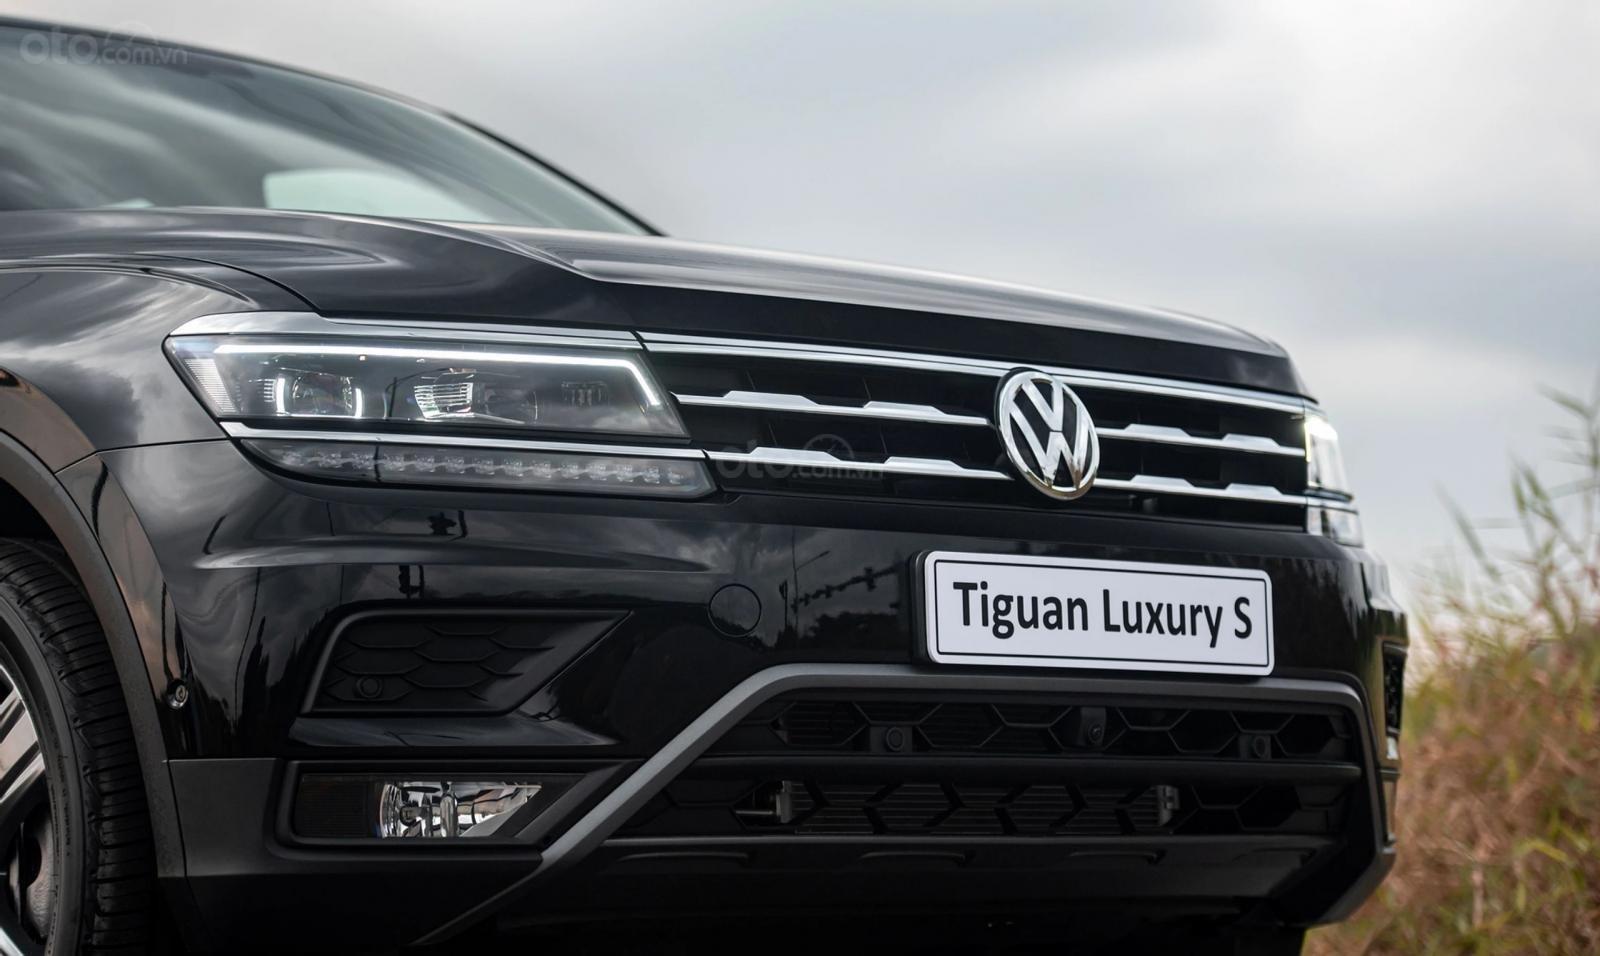 Liên hệ Mr Thuận báo giá đặc biệt để chốt xe tháng 3/2021 Tiguan Luxury S 2021 - SUV 7 chỗ Tiguan phiên bản cao cấp nhất (2)